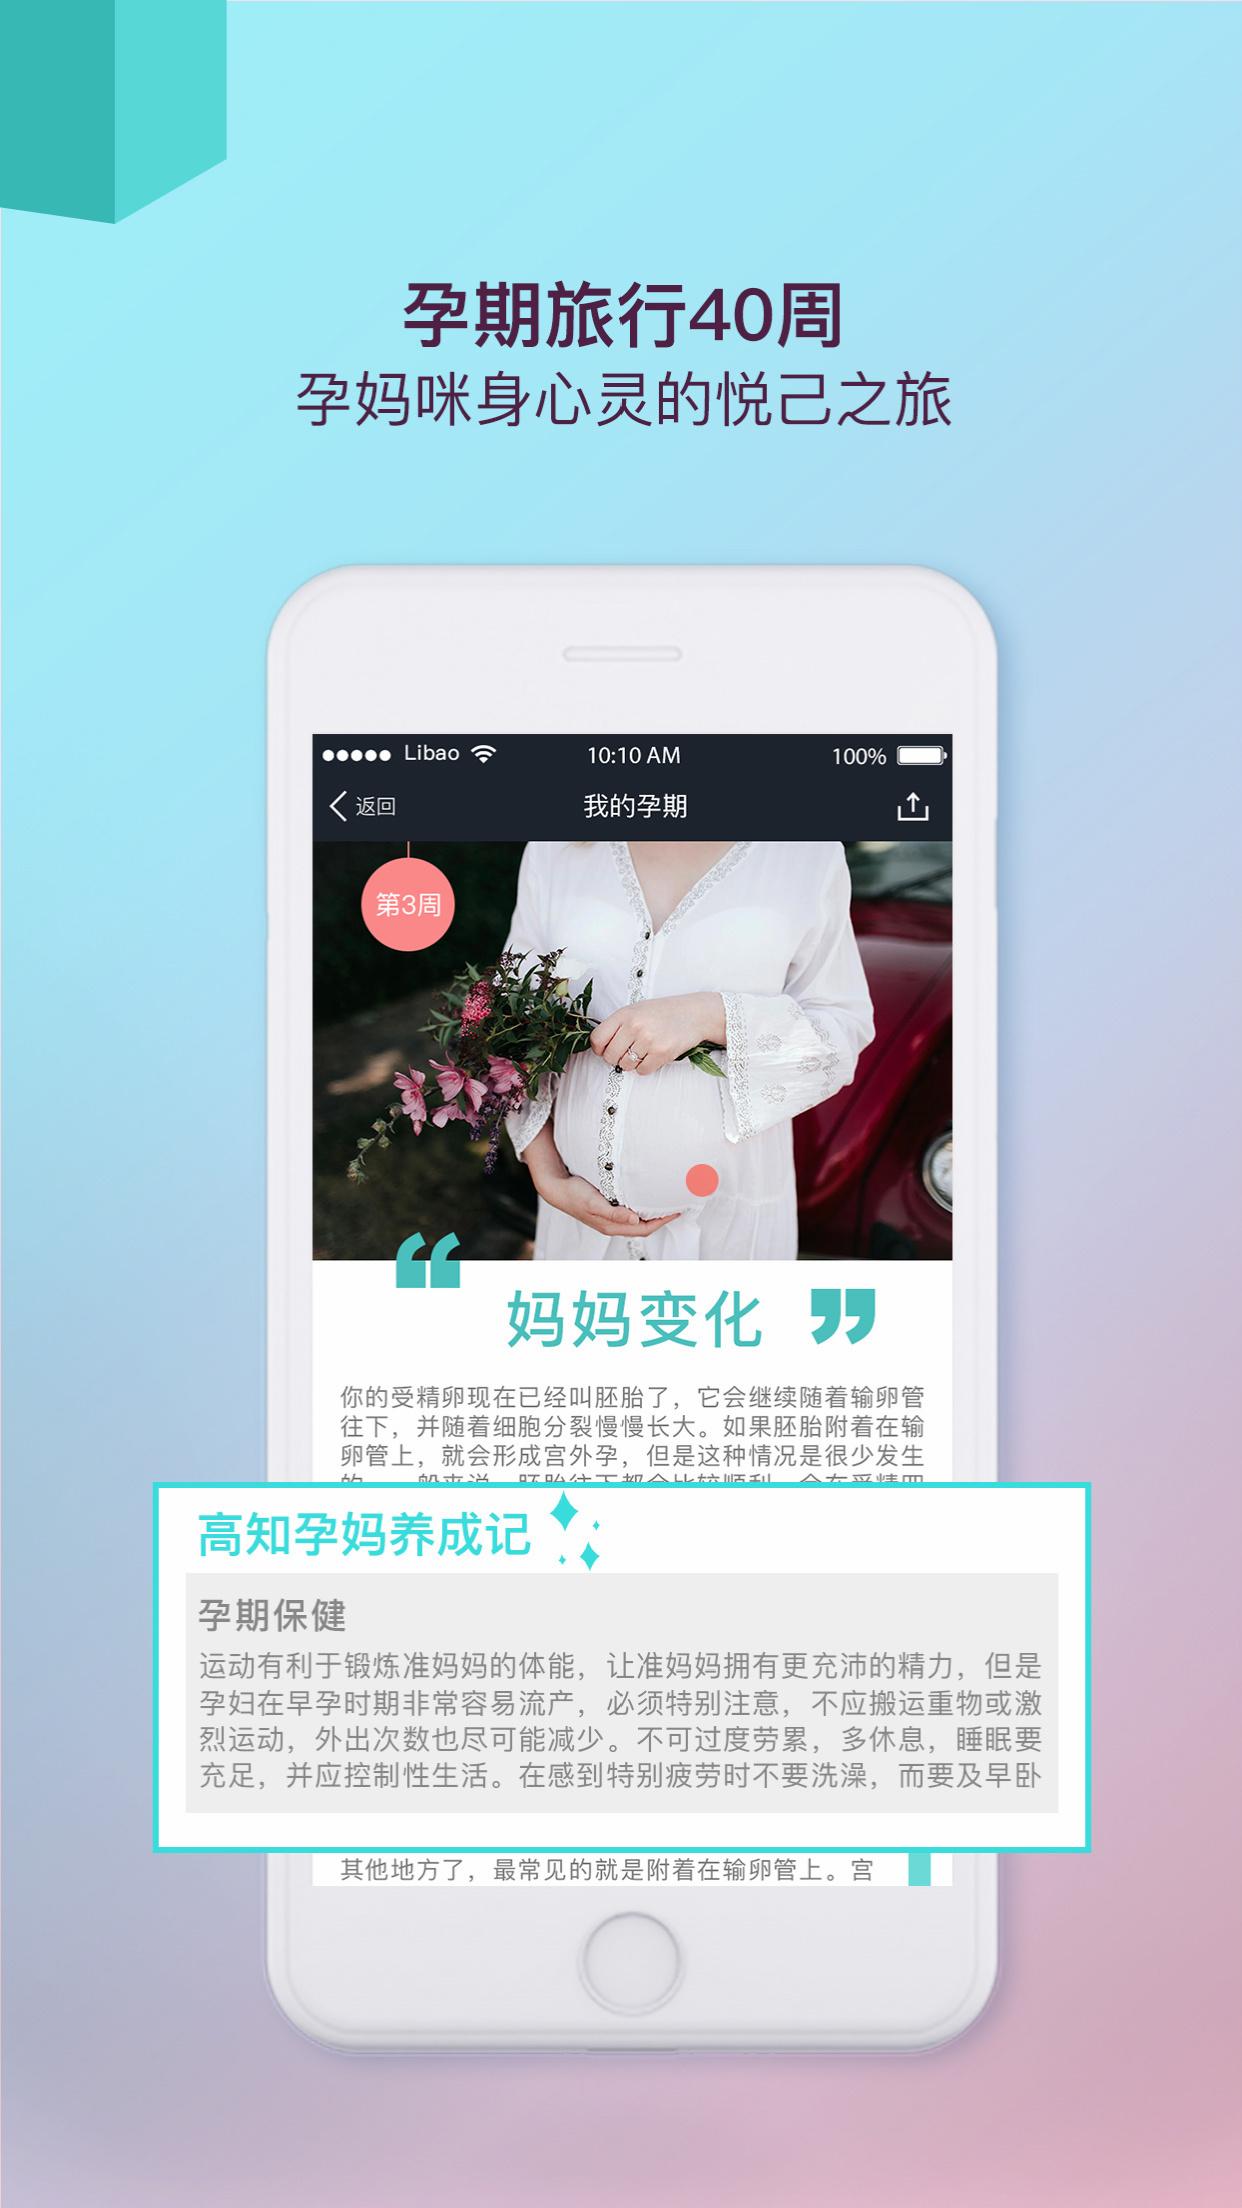 荔枝视频5i下载 黄瓜视频安卓版5i软件下载